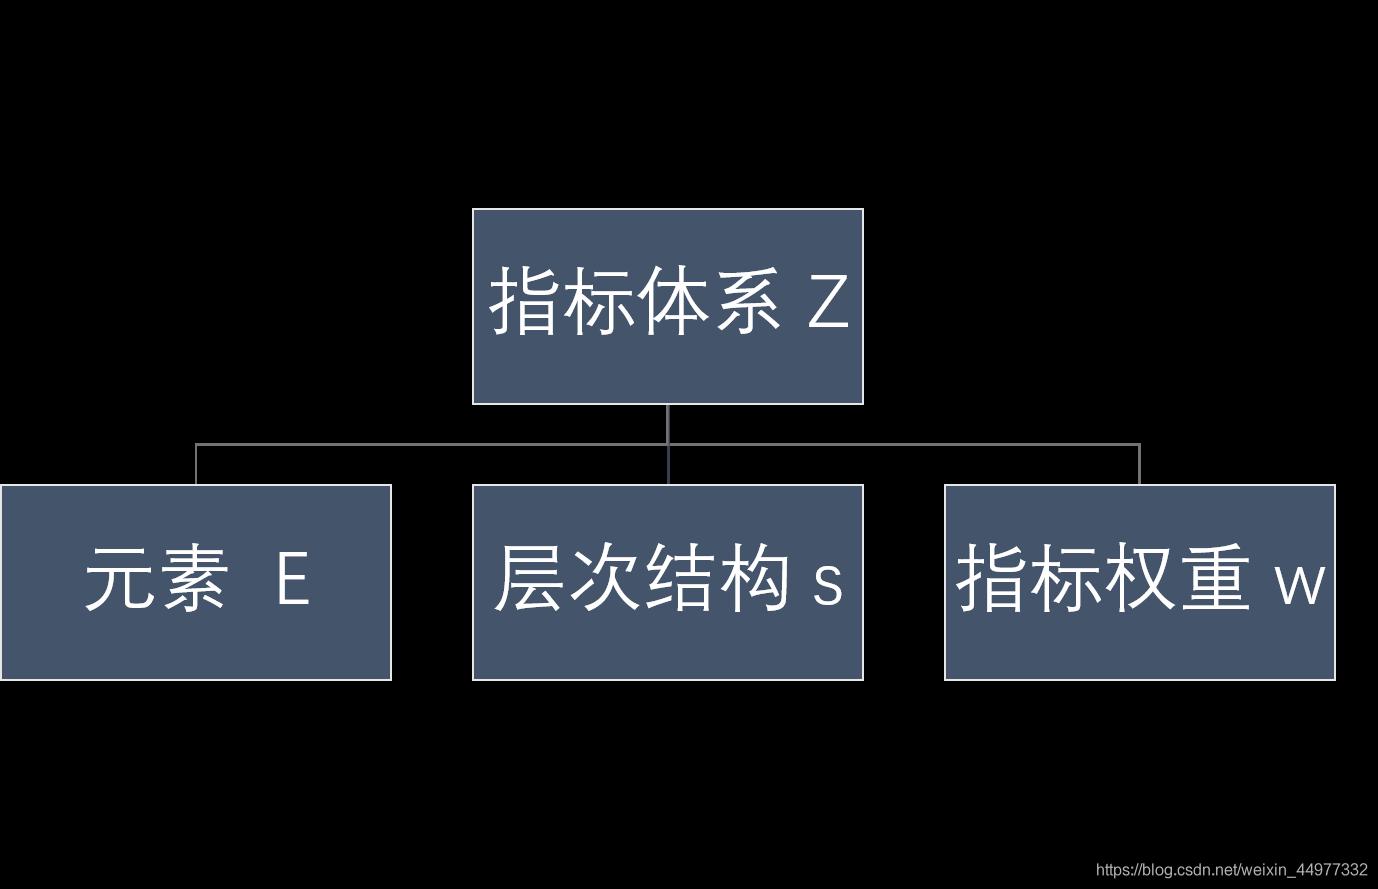 编制指数的构建